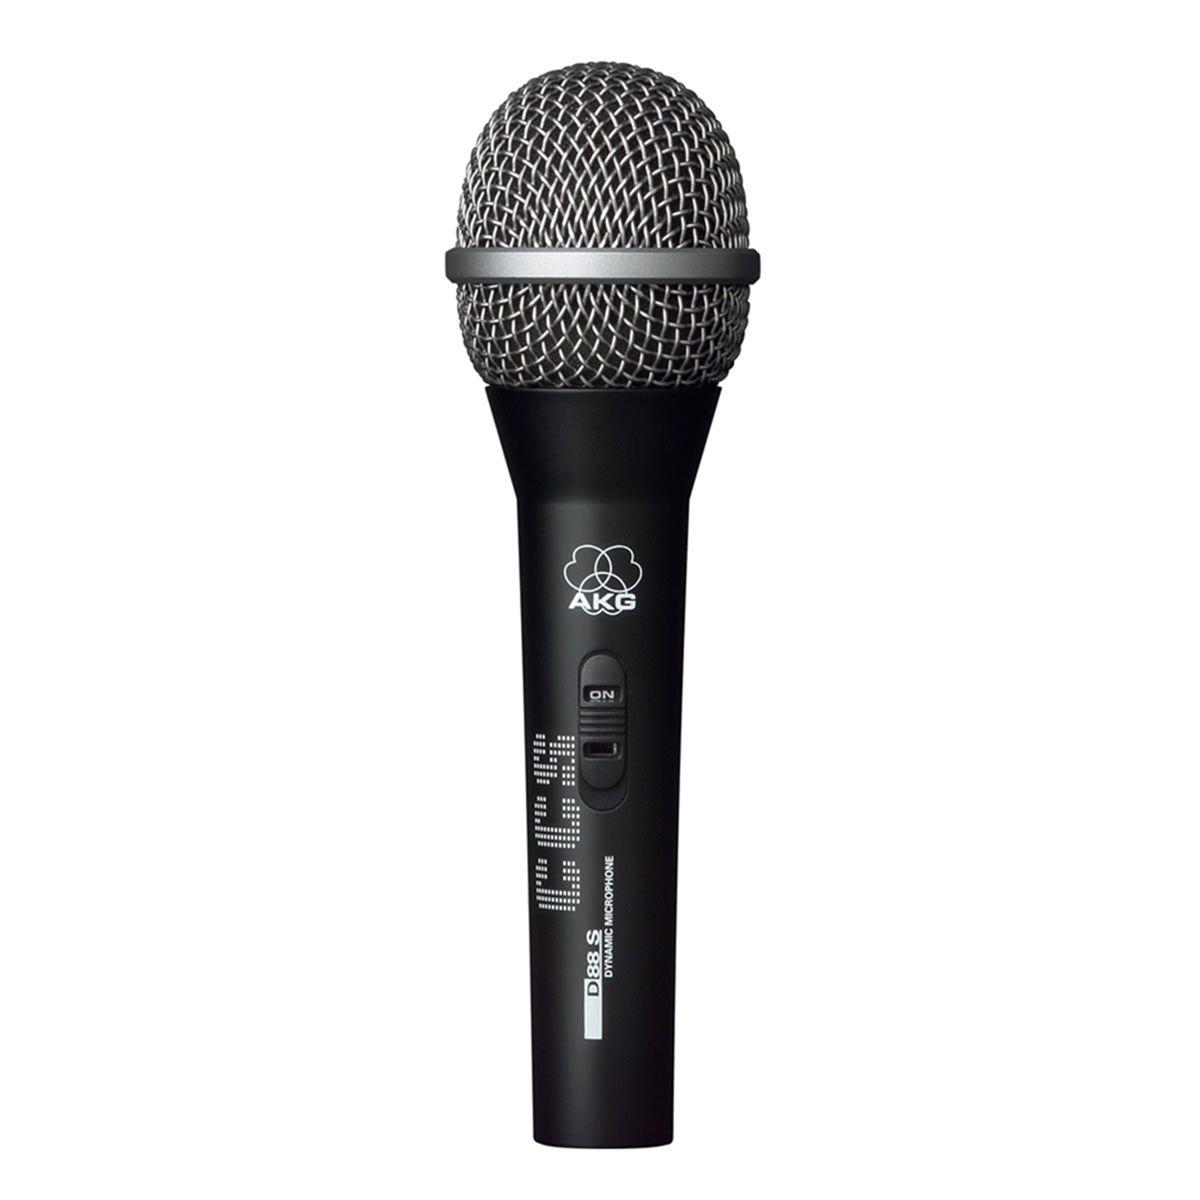 Microfone AKG D 88 S Dinâmico Super Cardioide